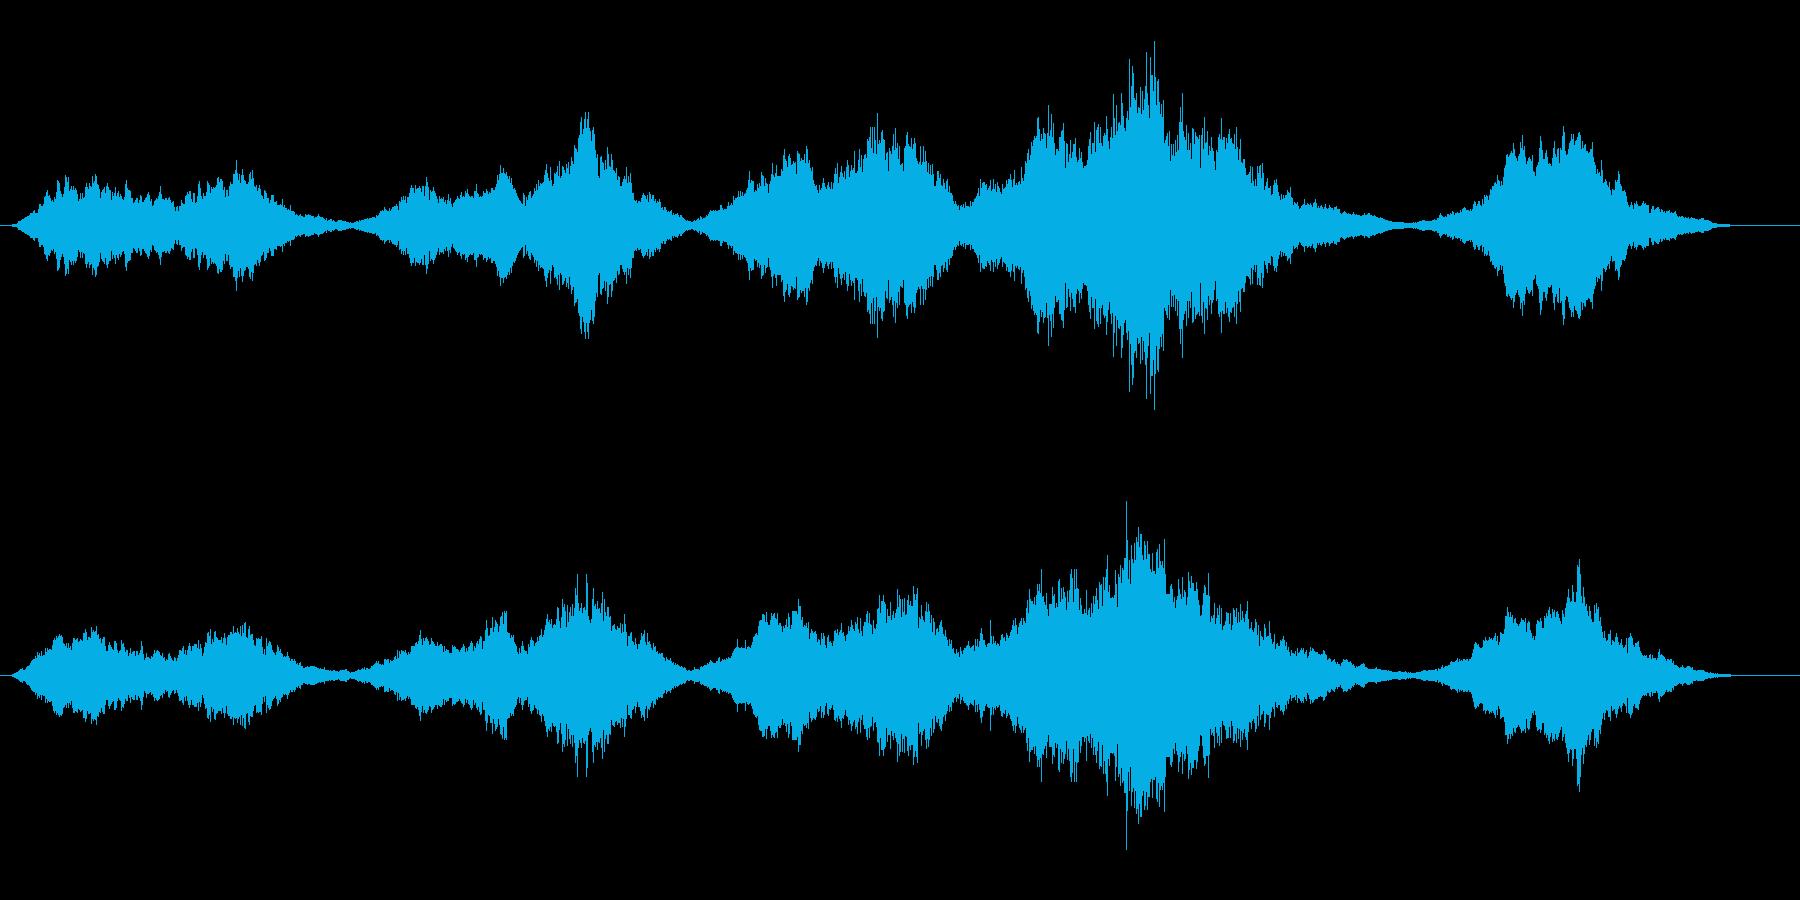 ストリングス主体の感動的なBGMの再生済みの波形